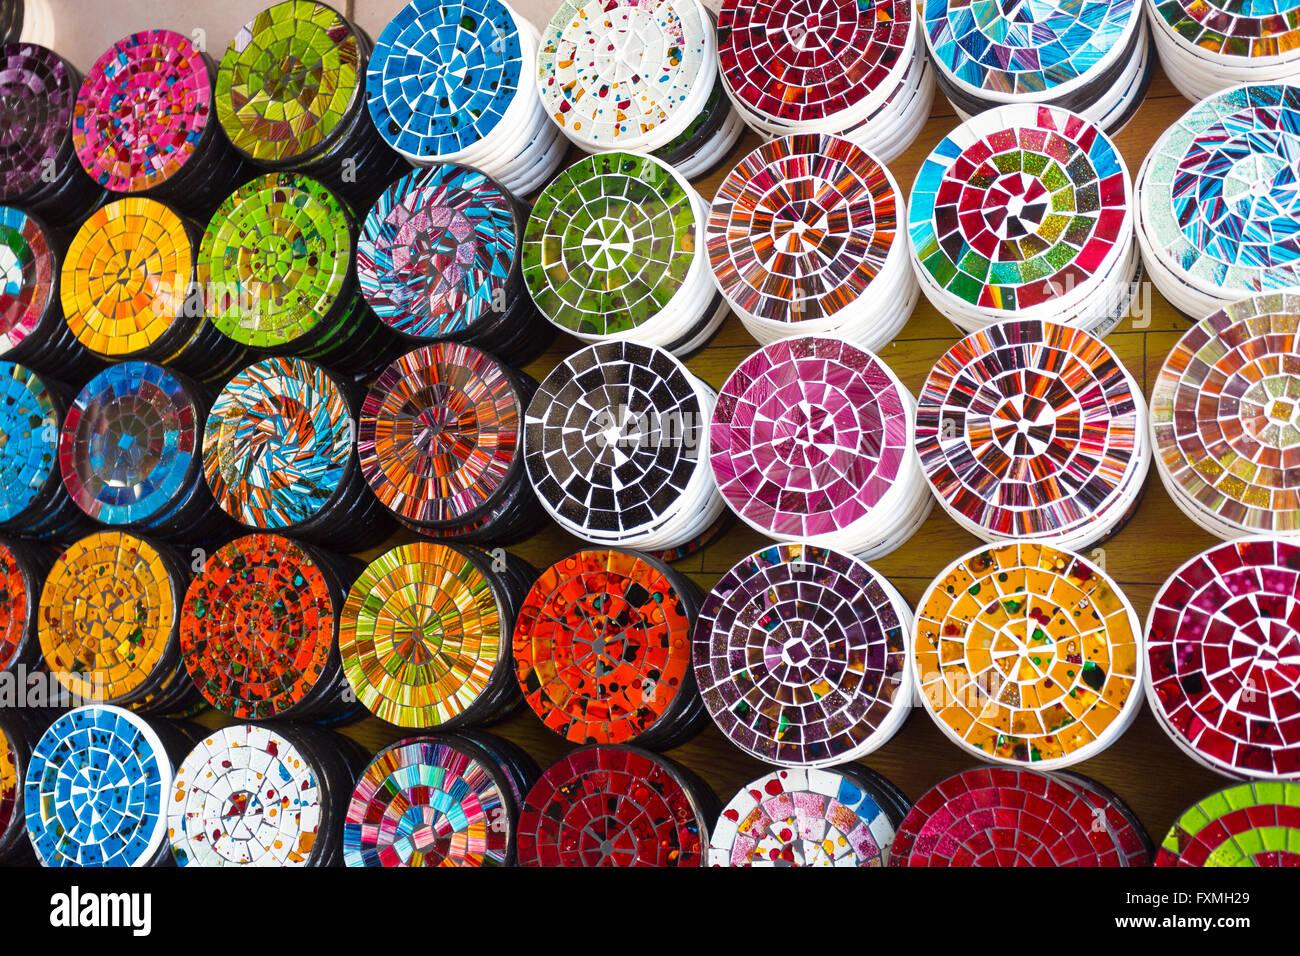 Mosaic Coaster in Bali Ubud Traditional Market, Ubud, Bali, Indonesia - Stock Image